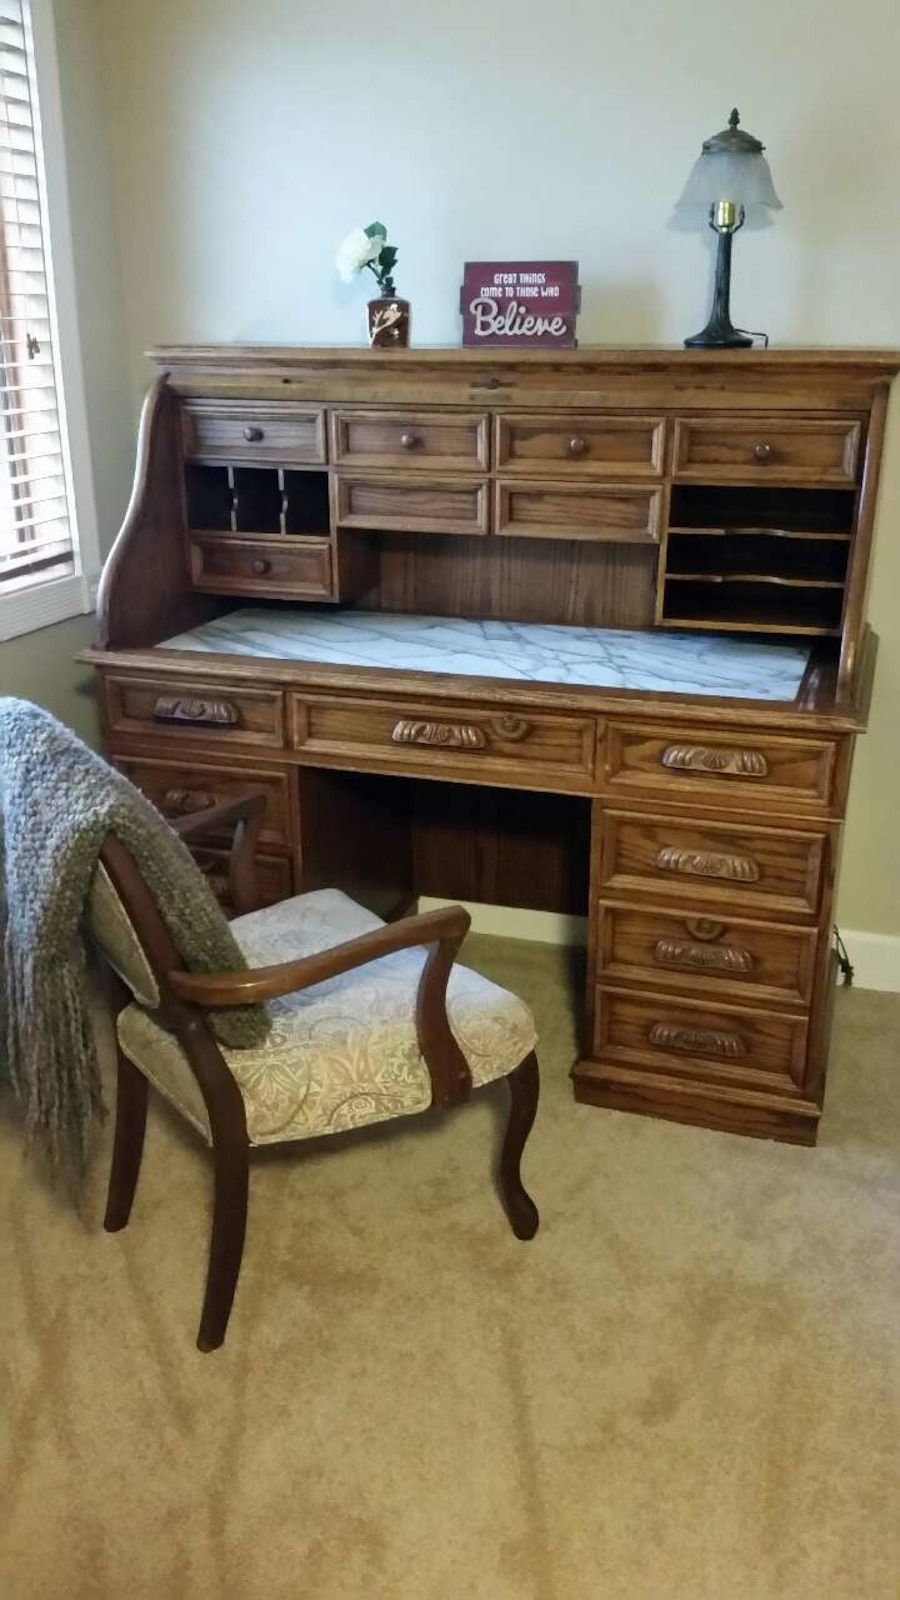 Used Roll Top Desk For Sale In Lemont Letgo Sales Desk Desk Roll Top Desk